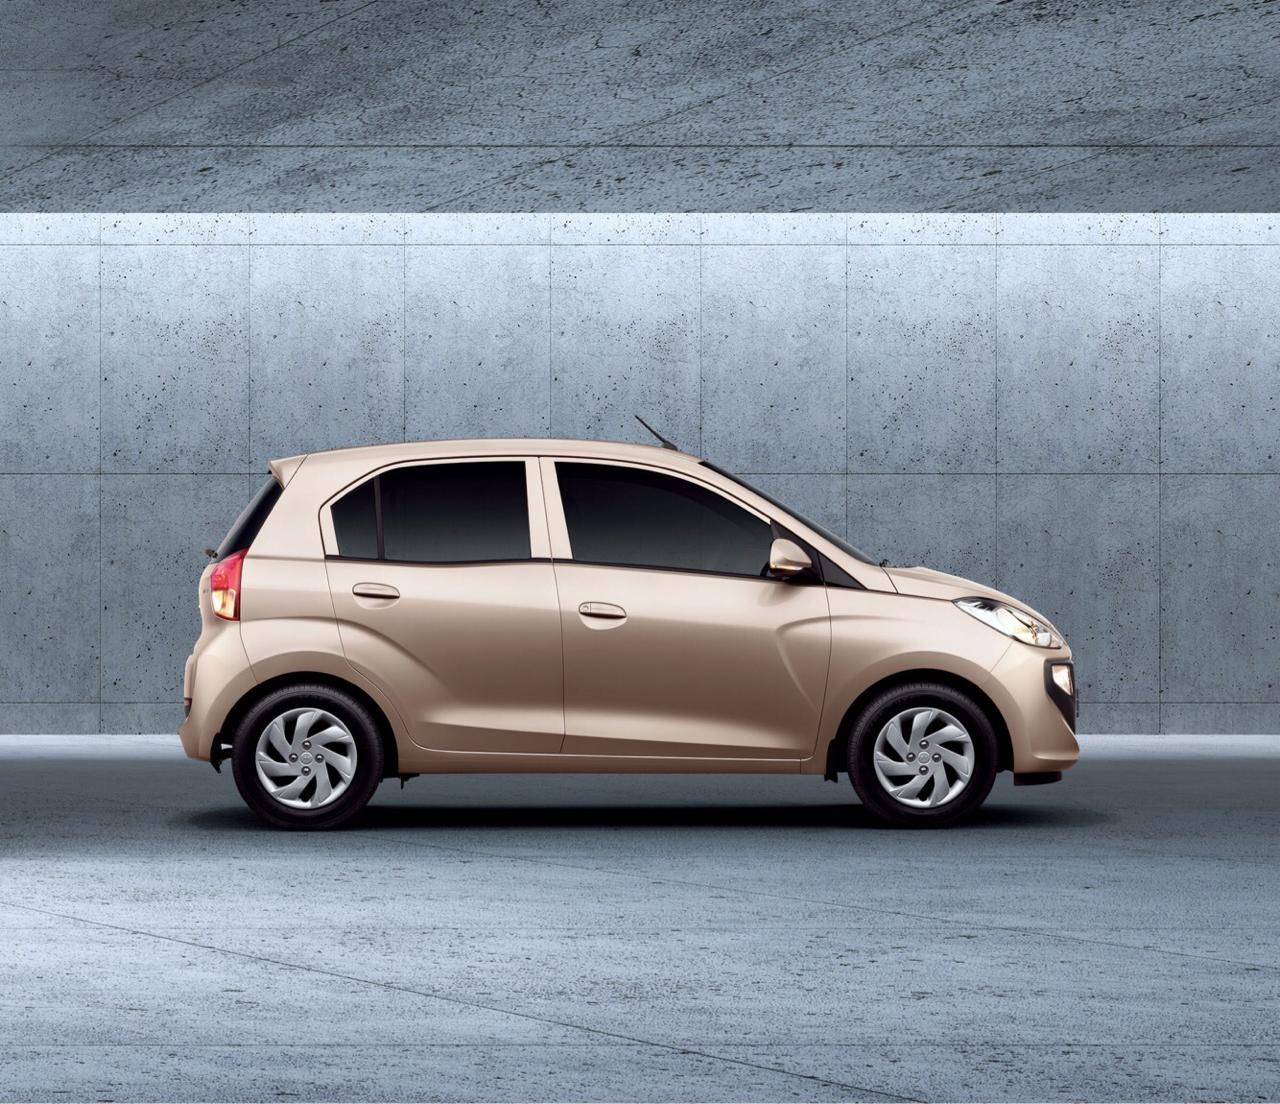 New-gen Hyundai Santro (2)